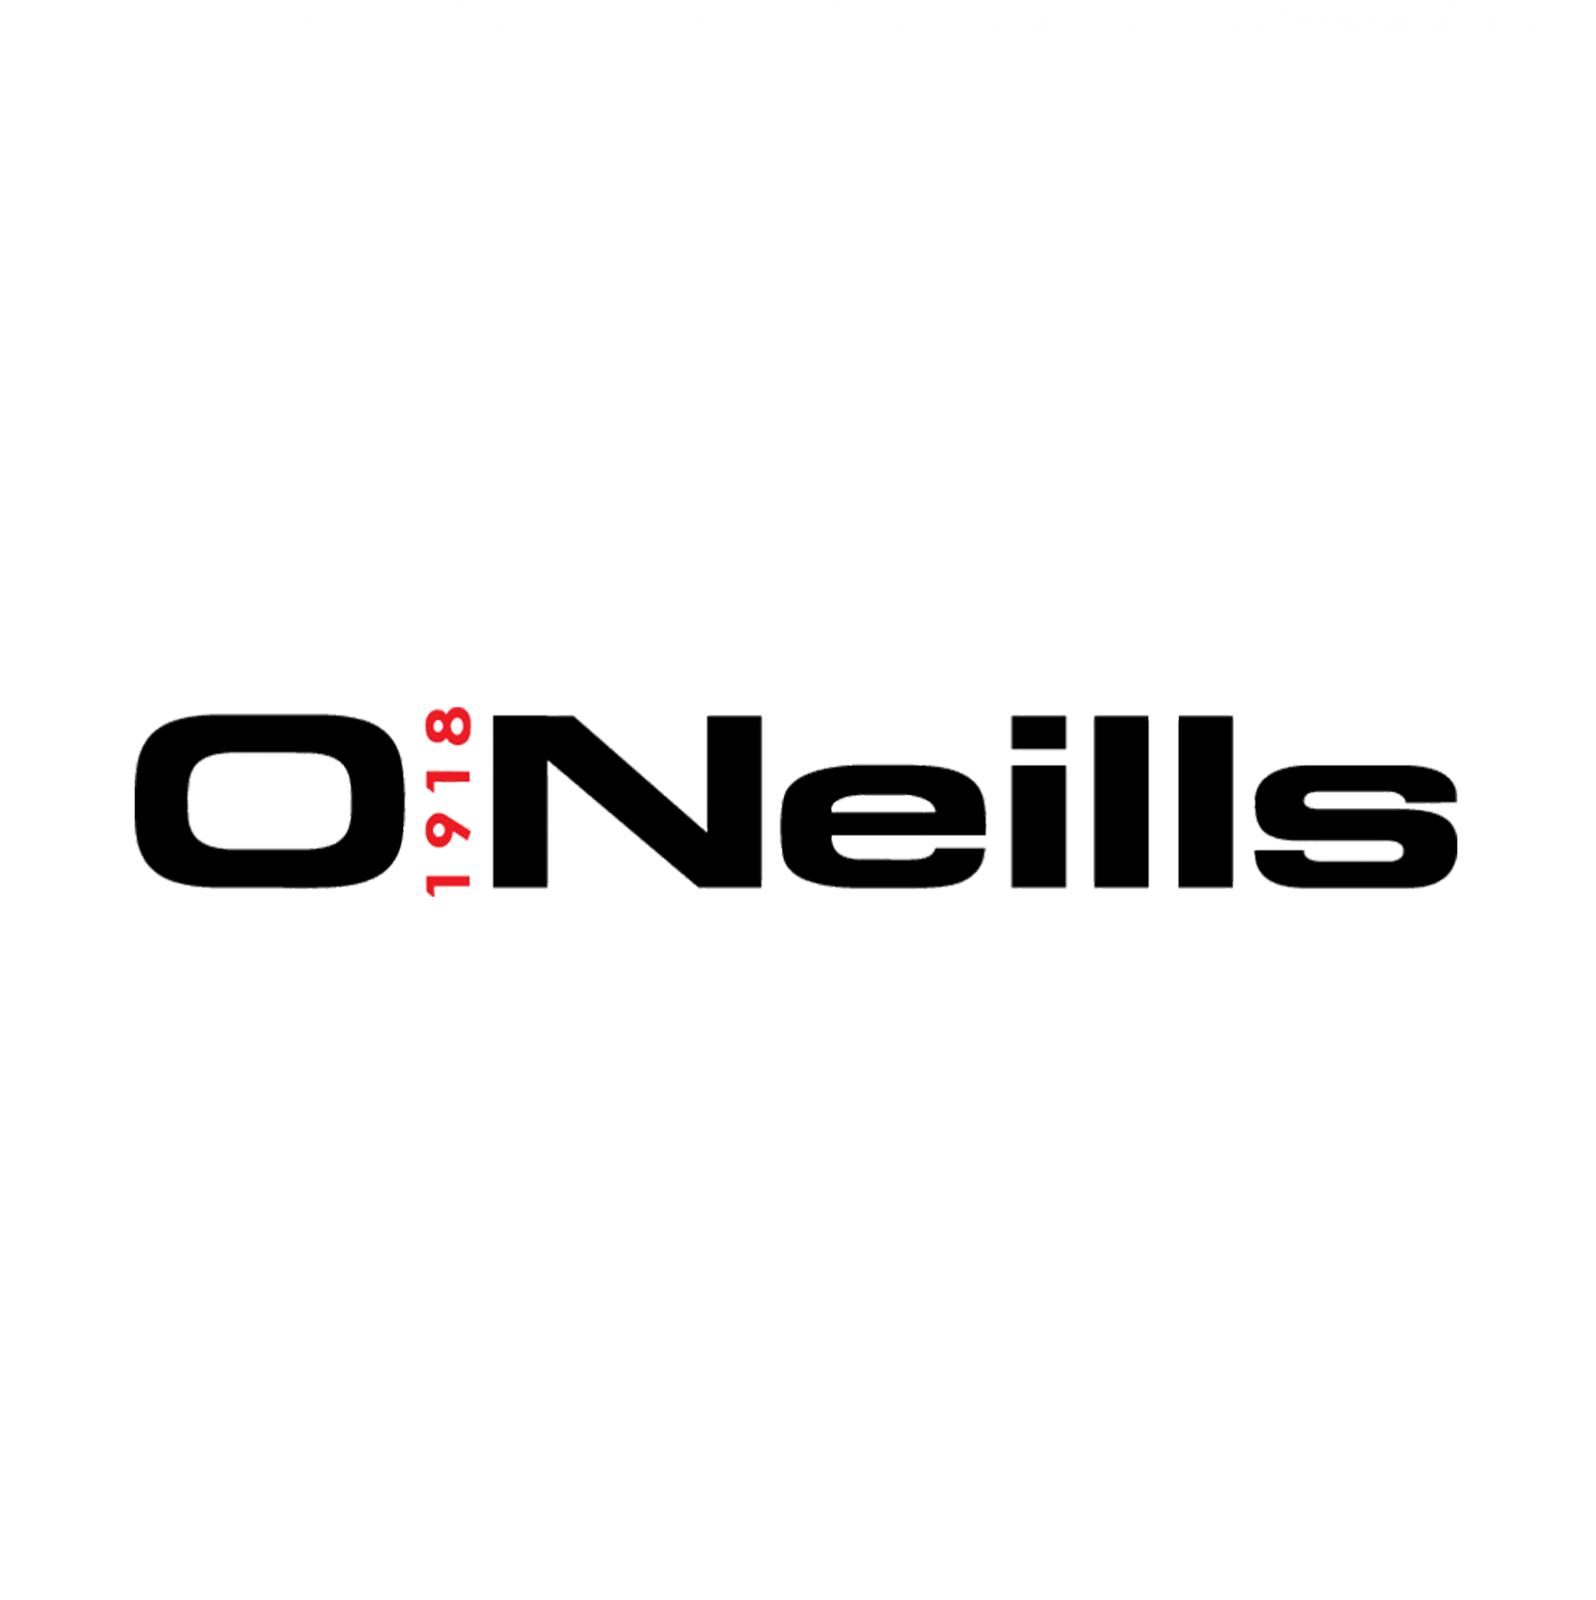 oneills logo 1